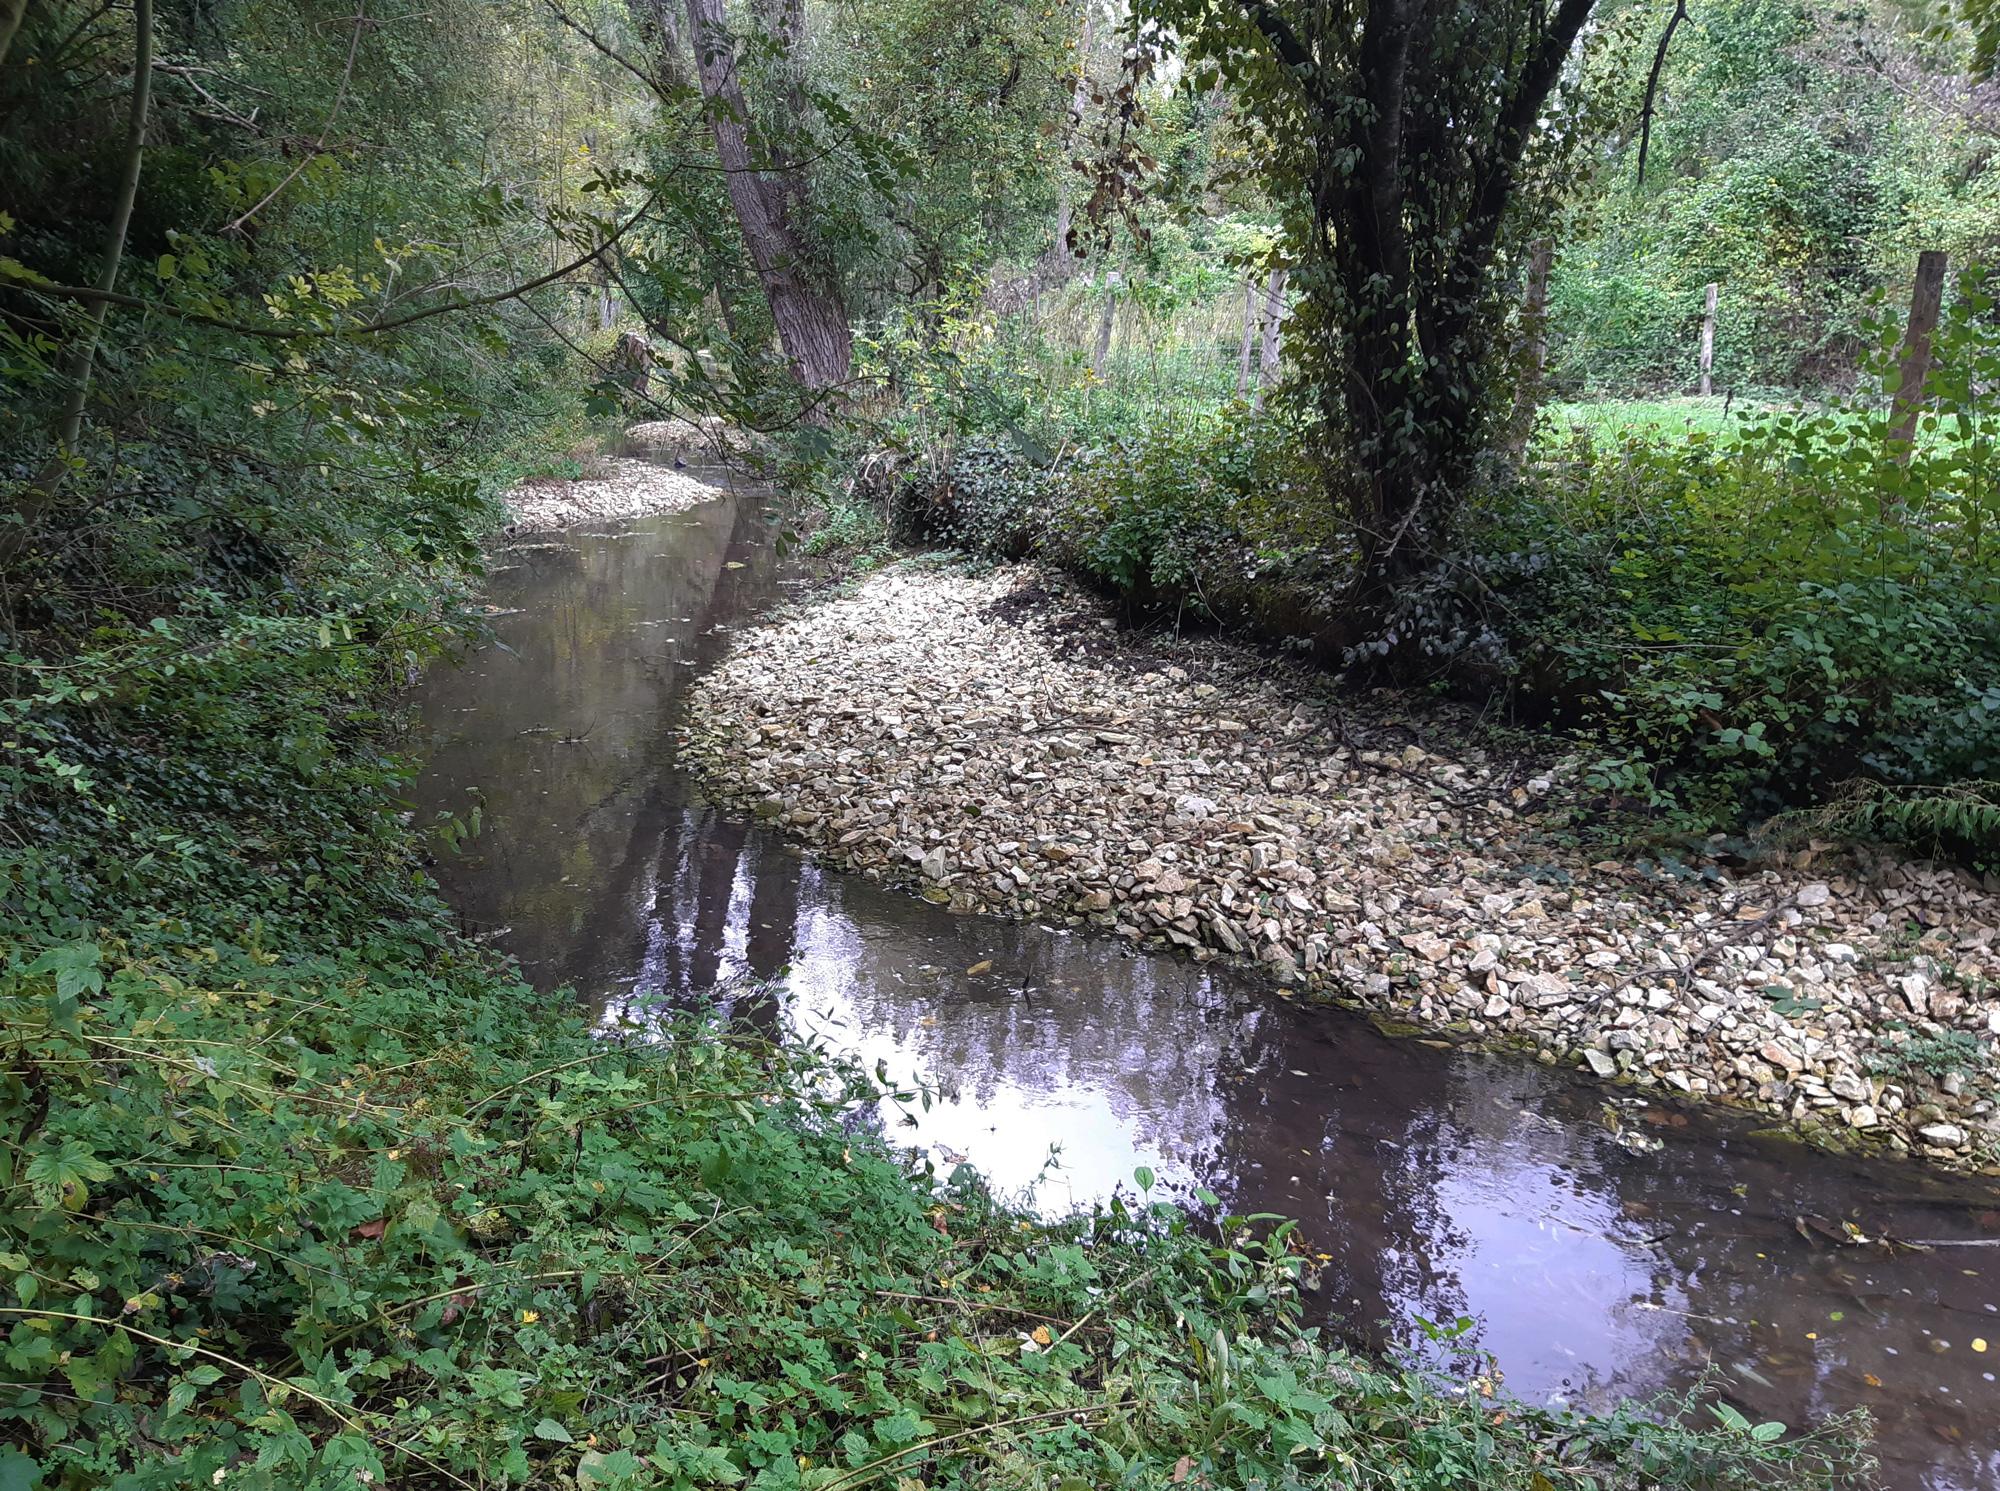 Les travaux de restauration du lit des cours d'eau